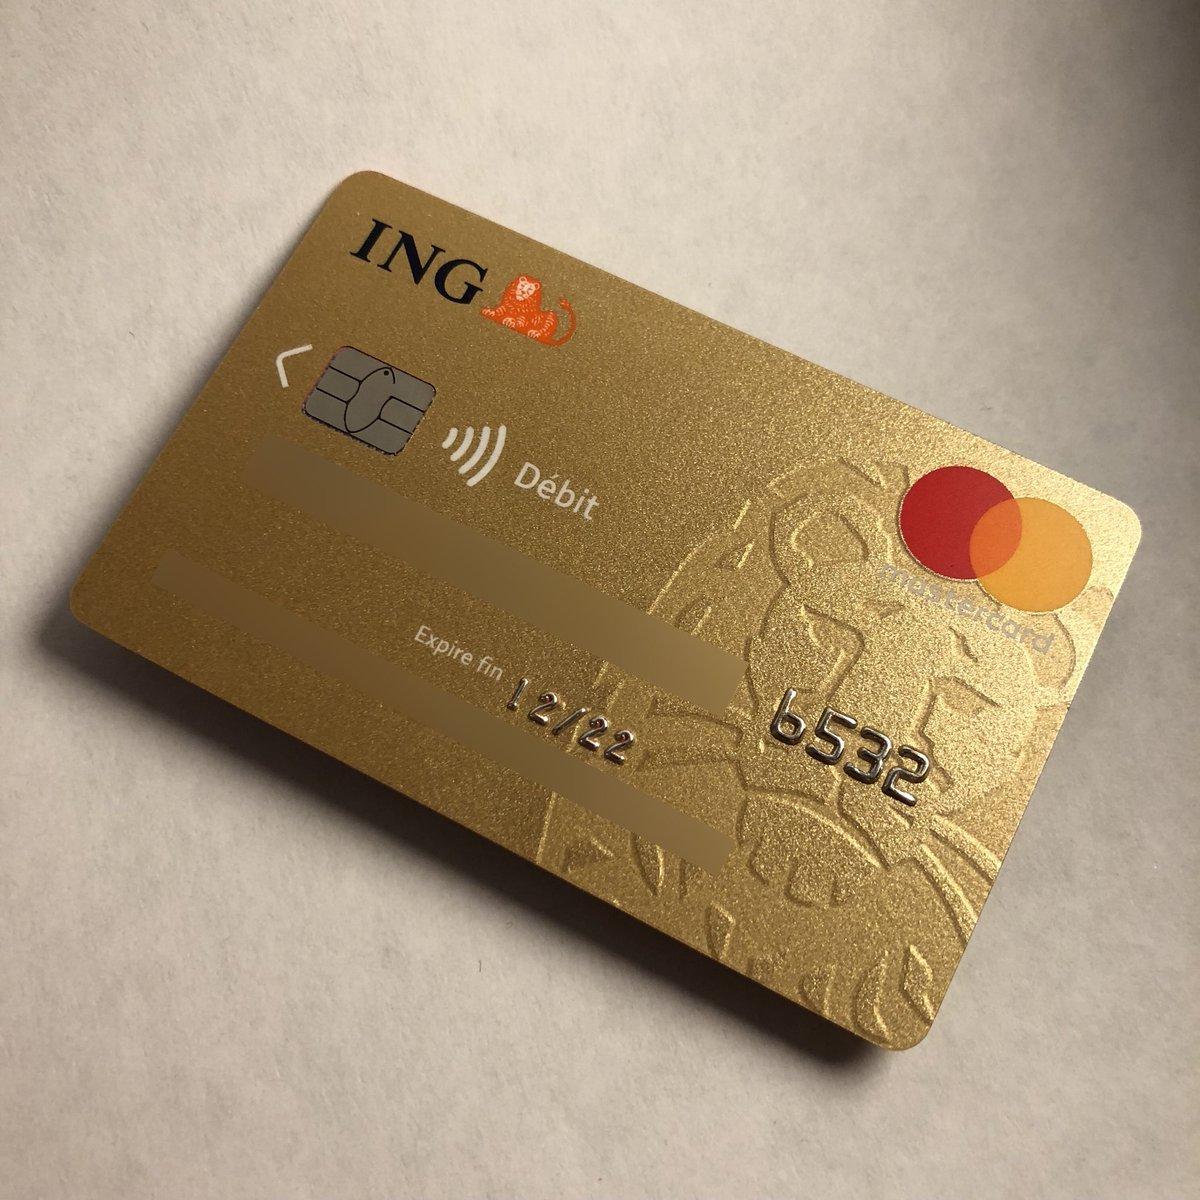 l'option idéale pour ouvrir son premier compte bancaire en ligne, économiser et gagner de l'argent, tout en même temps